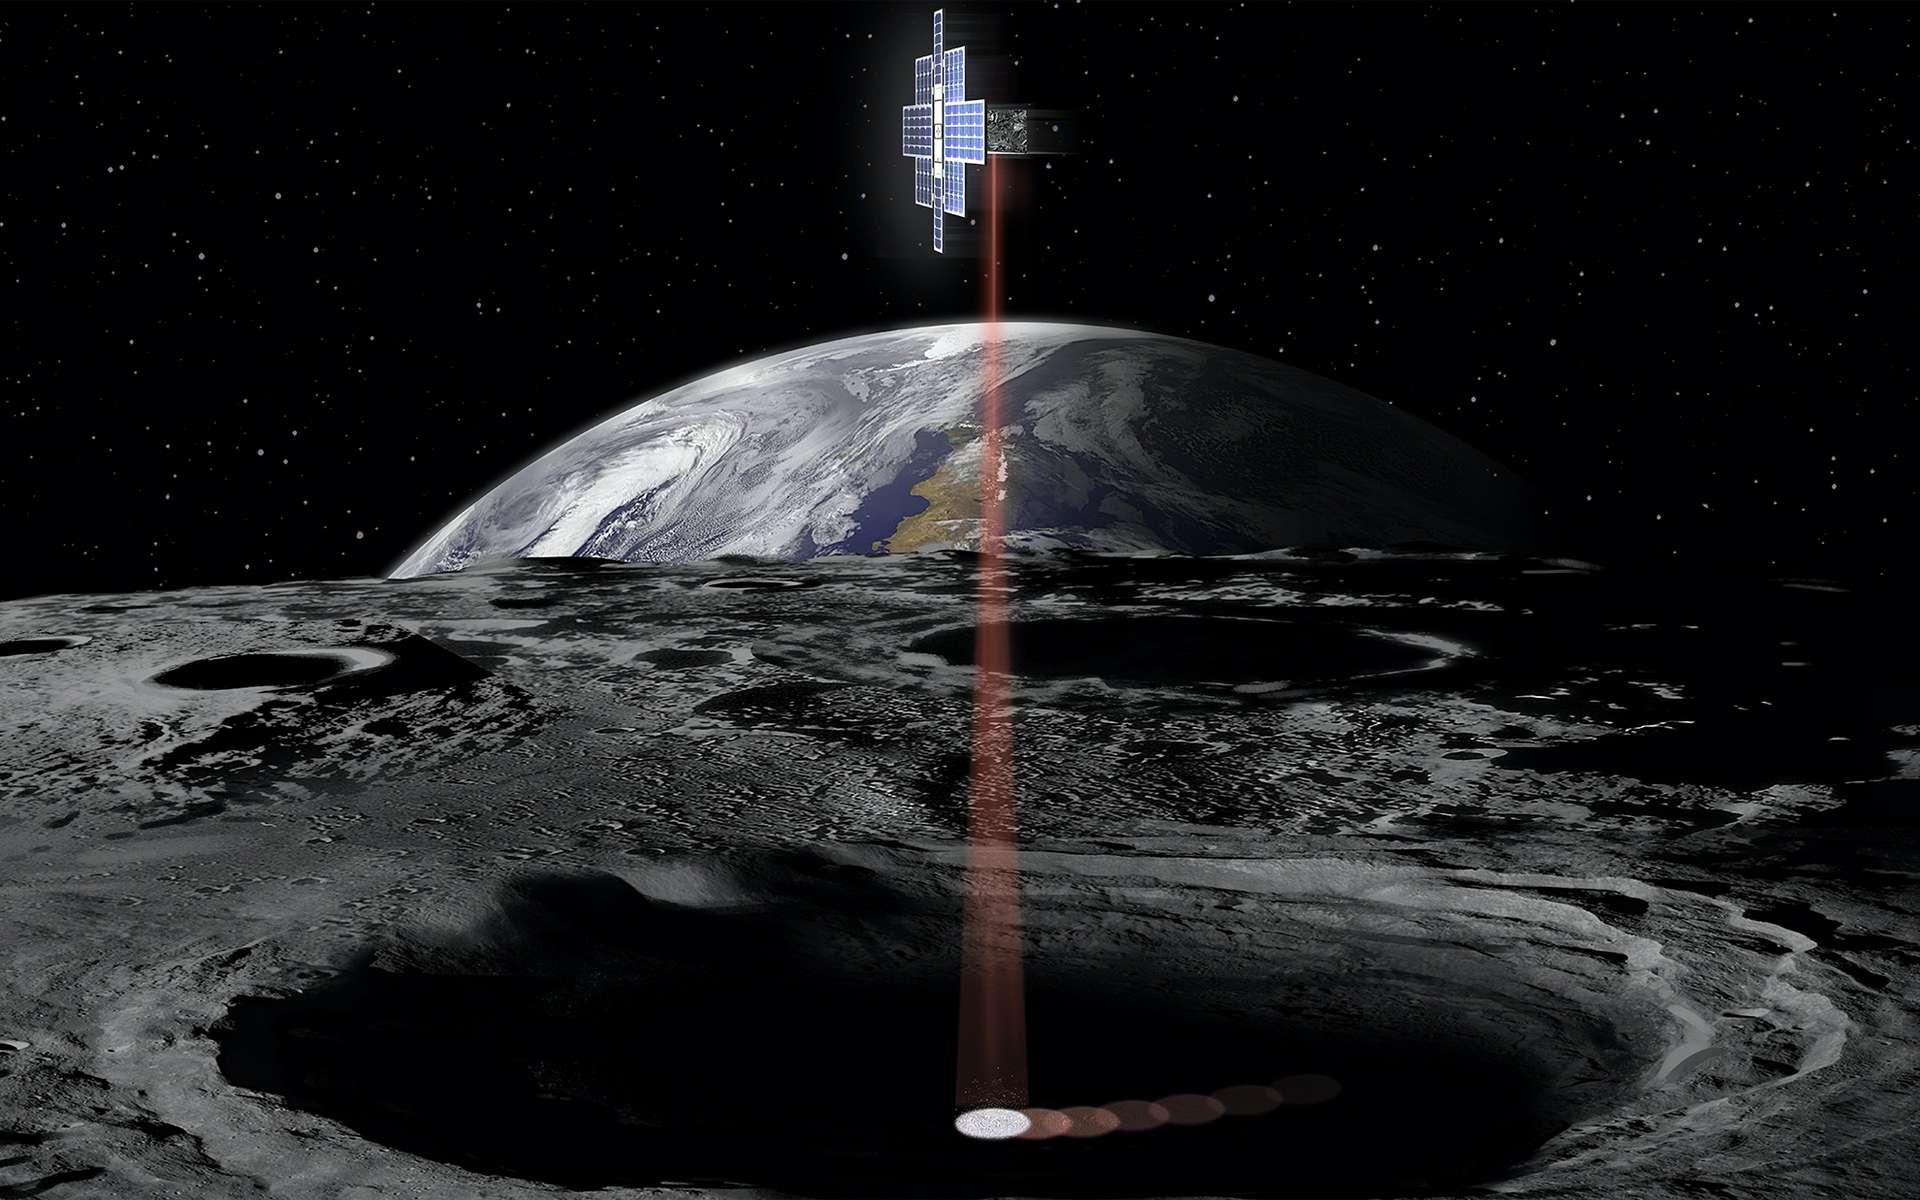 Lunar Flashlight, un CubeSat conçu pour recenser les dépôts de glace d'eau au fond des cratères lunaires. Son lancement est prévu en 2021. © Nasa, JPL